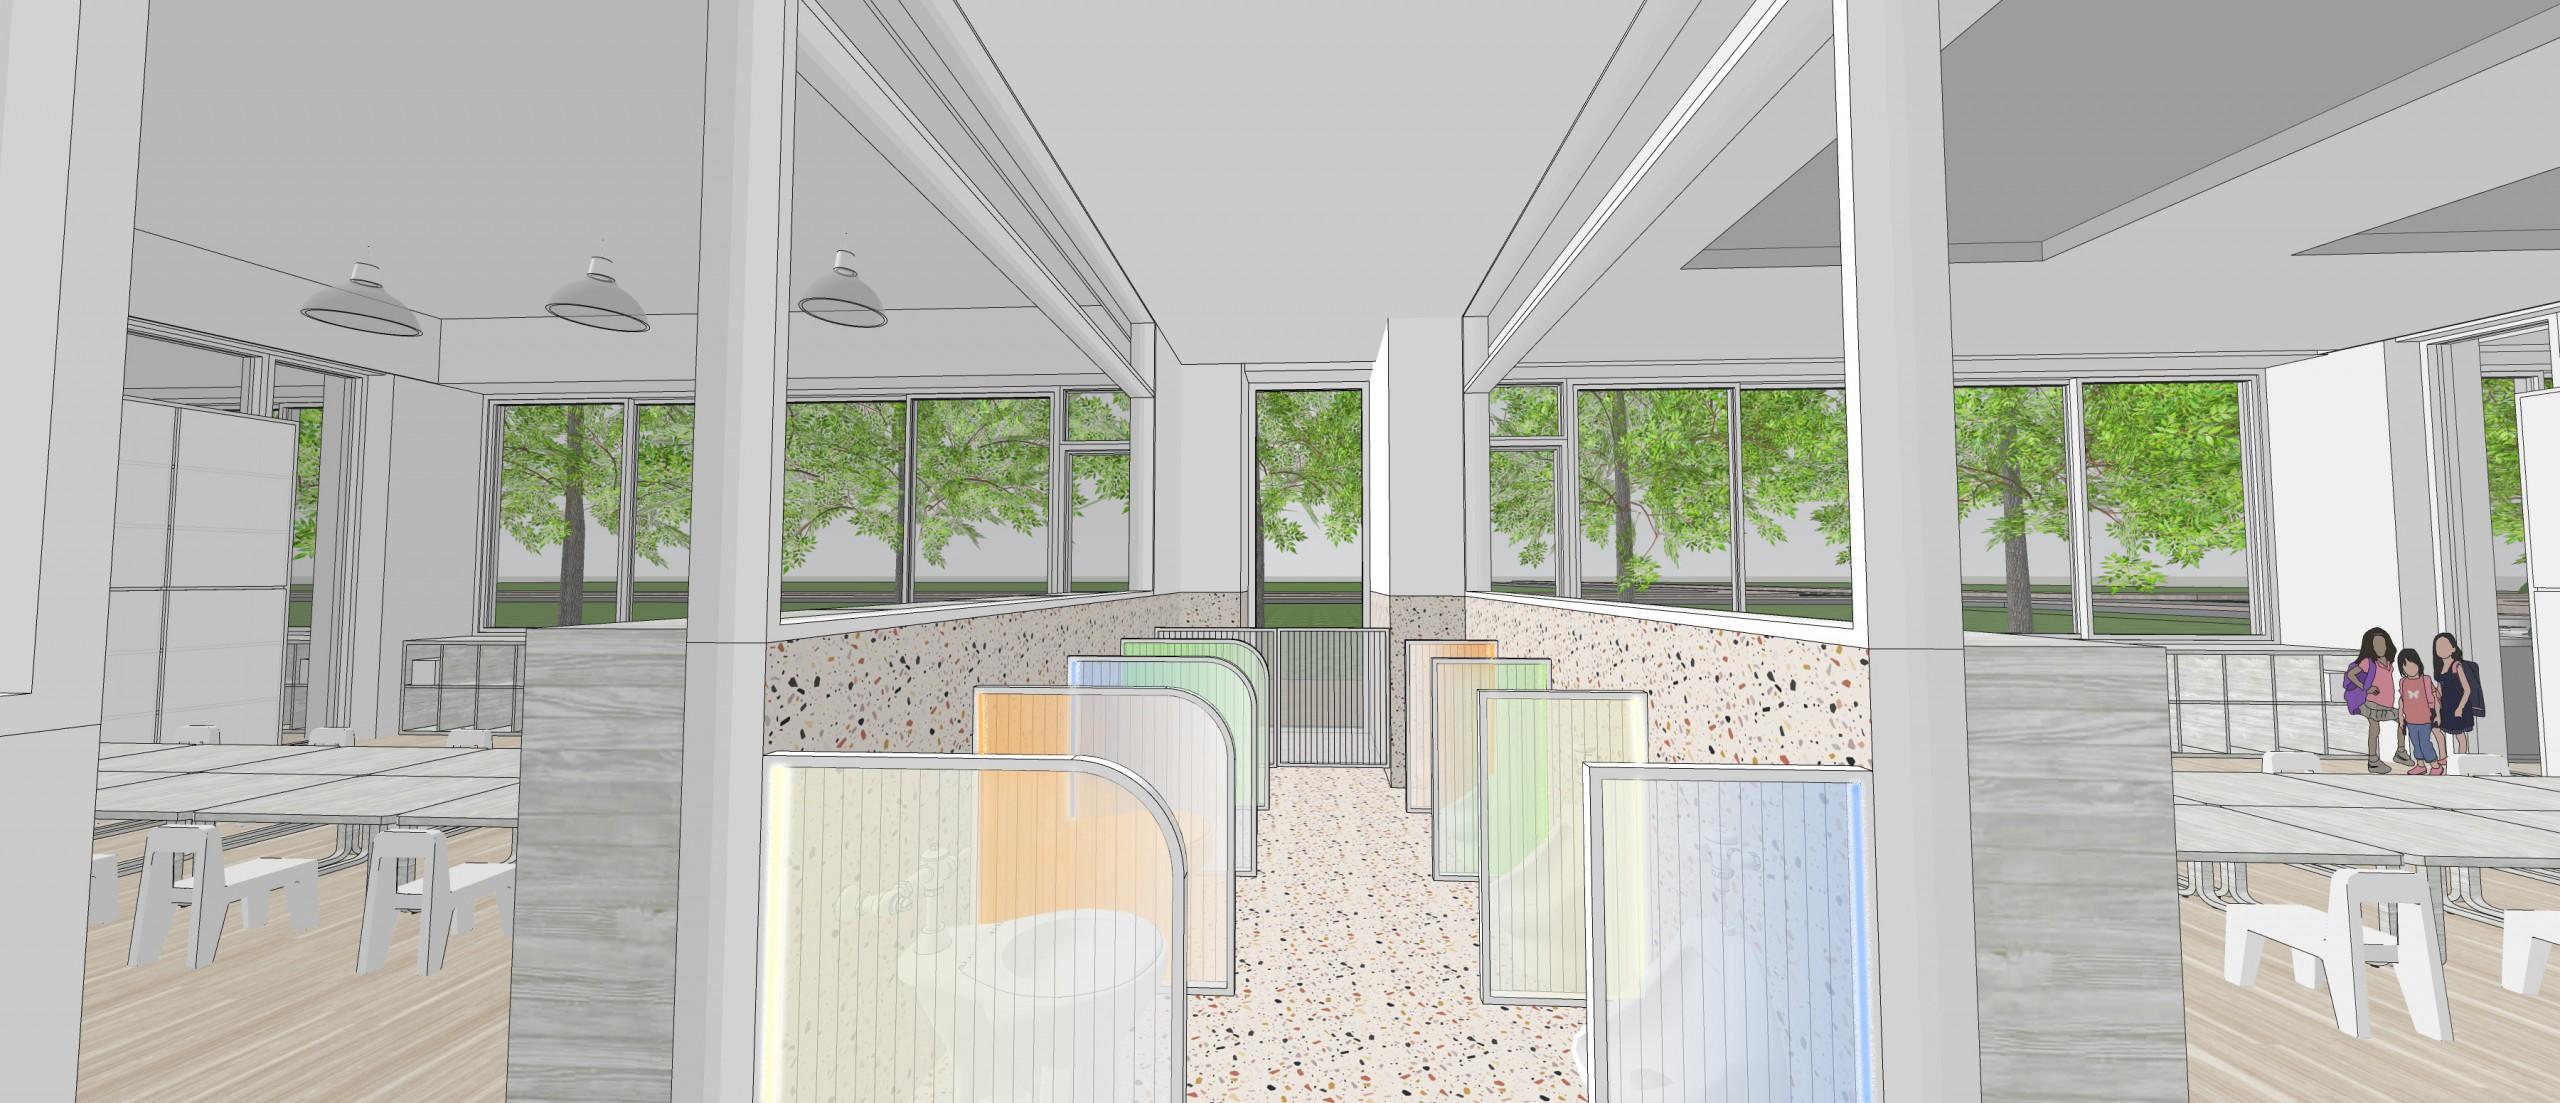 德築-DEZU-project-淡海大芽幼兒園-architecture-3Drendering-5